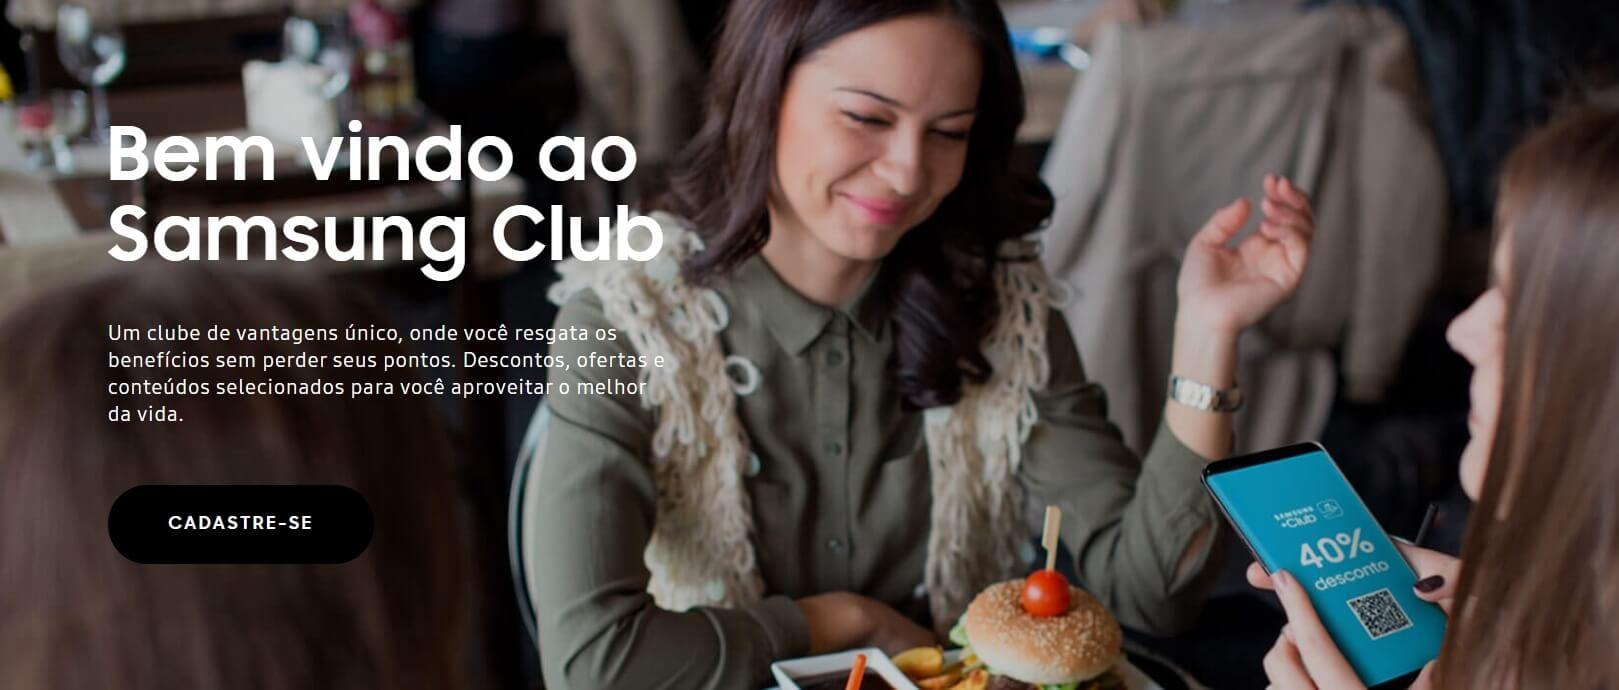 Samsung club disponibiliza benefícios exclusivos na área da educação